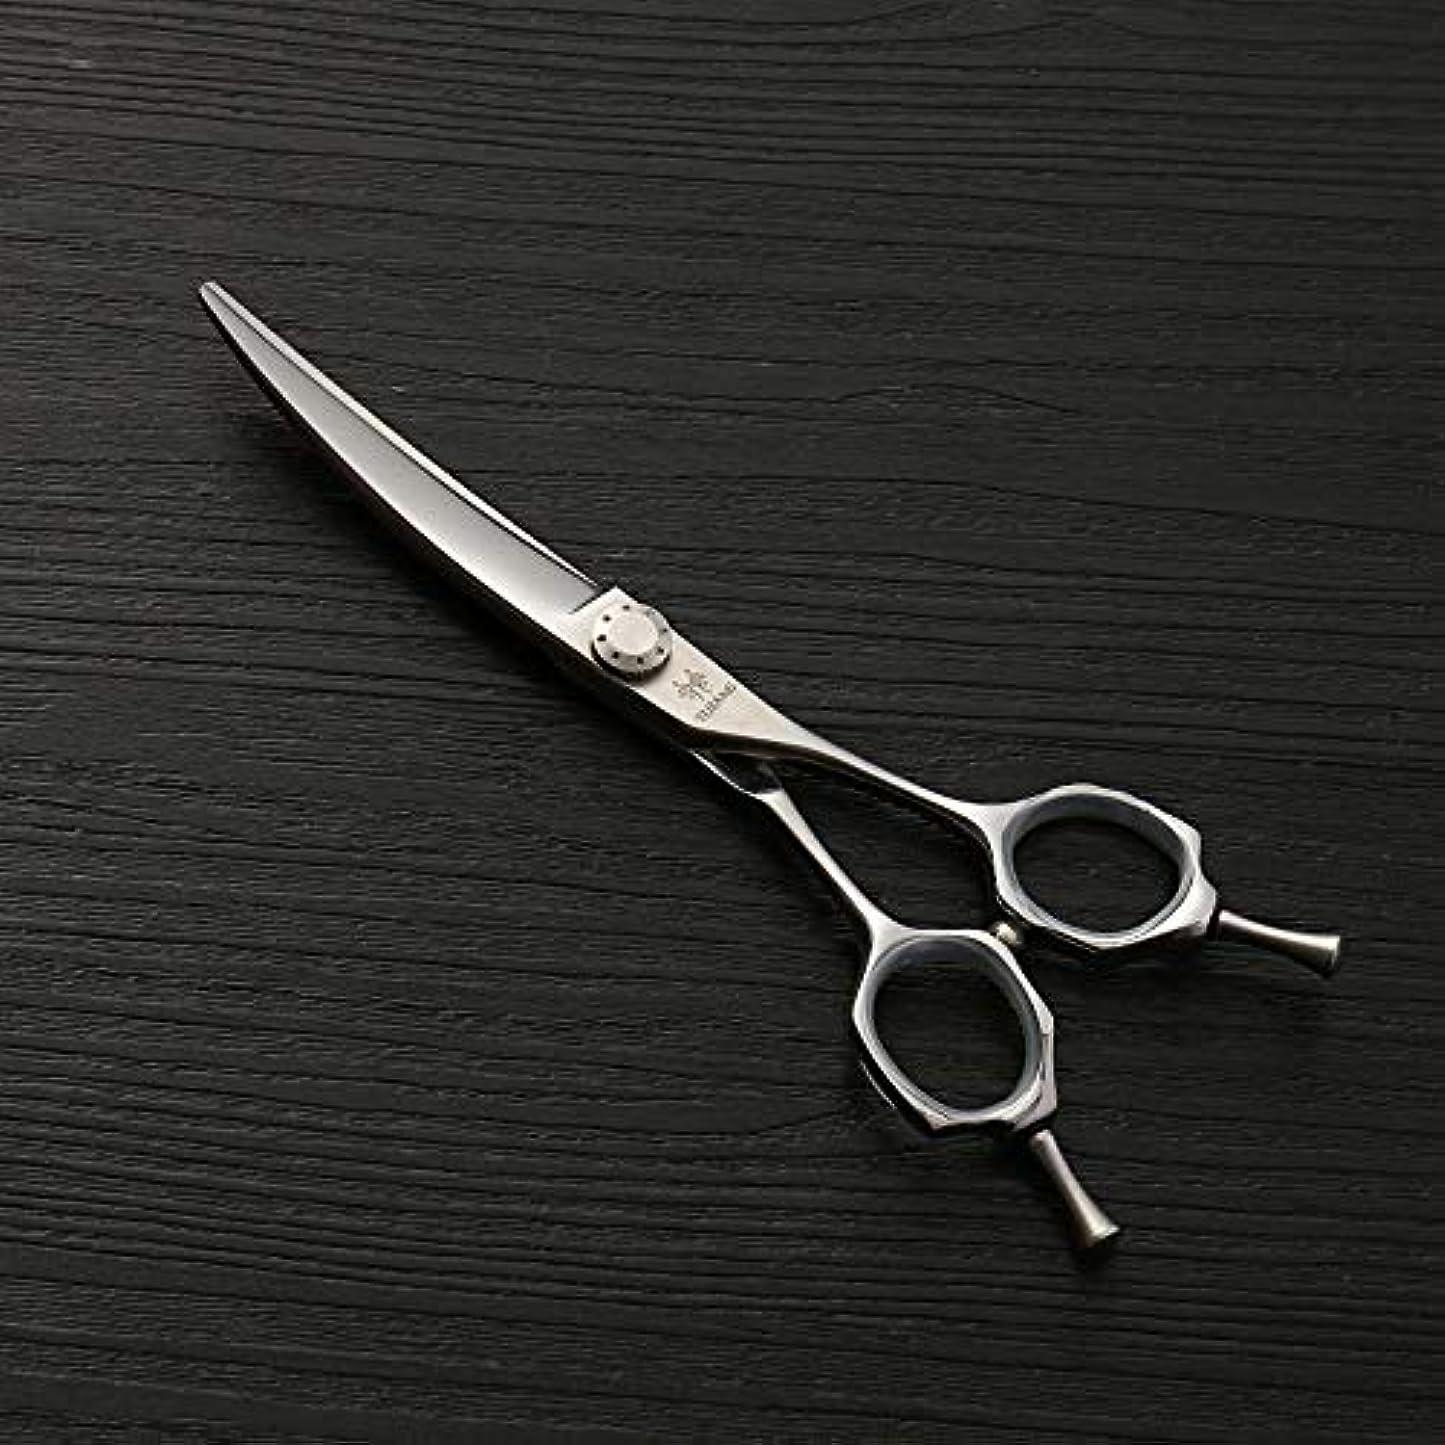 見習い右単なるHOTARUYiZi 散髪ハサミ カットバサミ 耐久性 プロ 散髪はさみ ヘアカット セニング すきバサミ カットシザー 品質保証 美容院 専門カット 髪カット (色 : Silver)